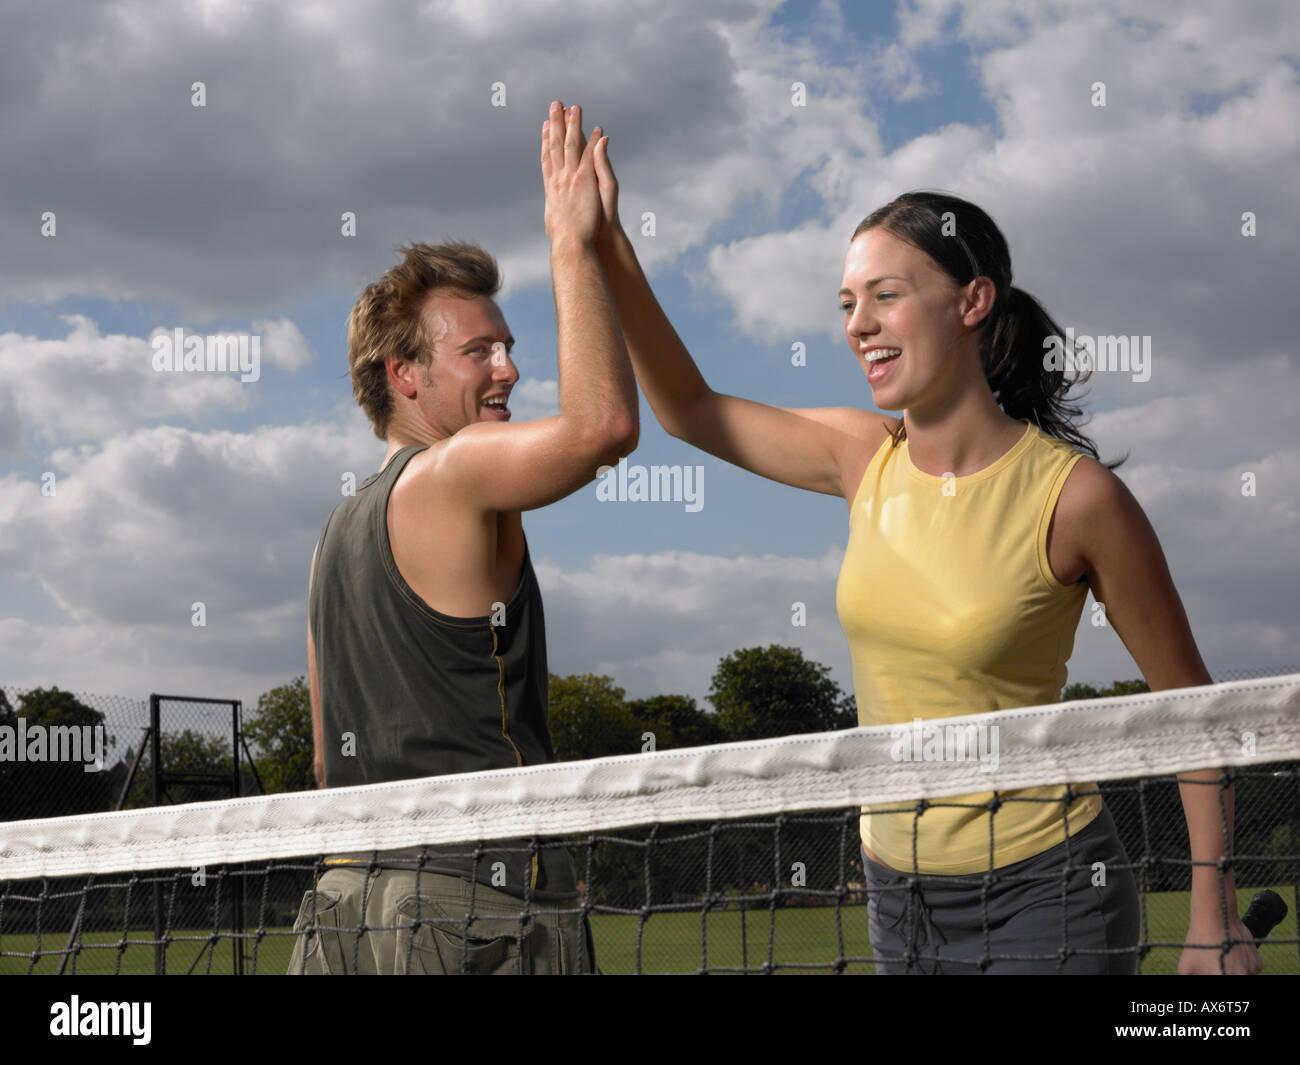 Los jugadores de tenis haciendo un alto cinco Foto de stock